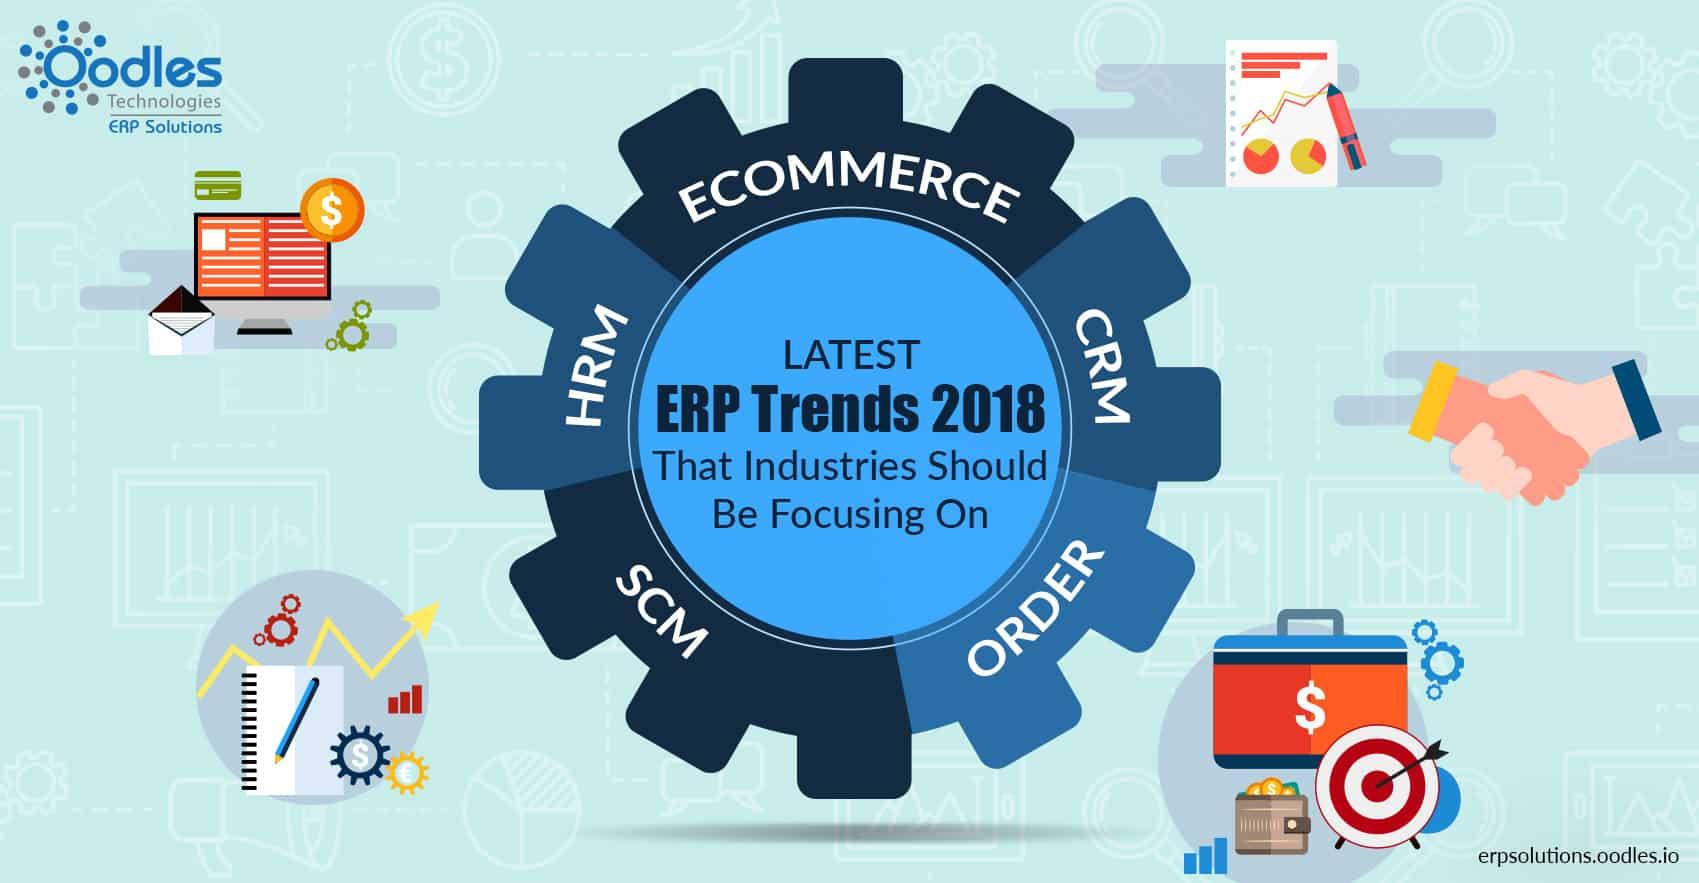 ERP Trends 2018